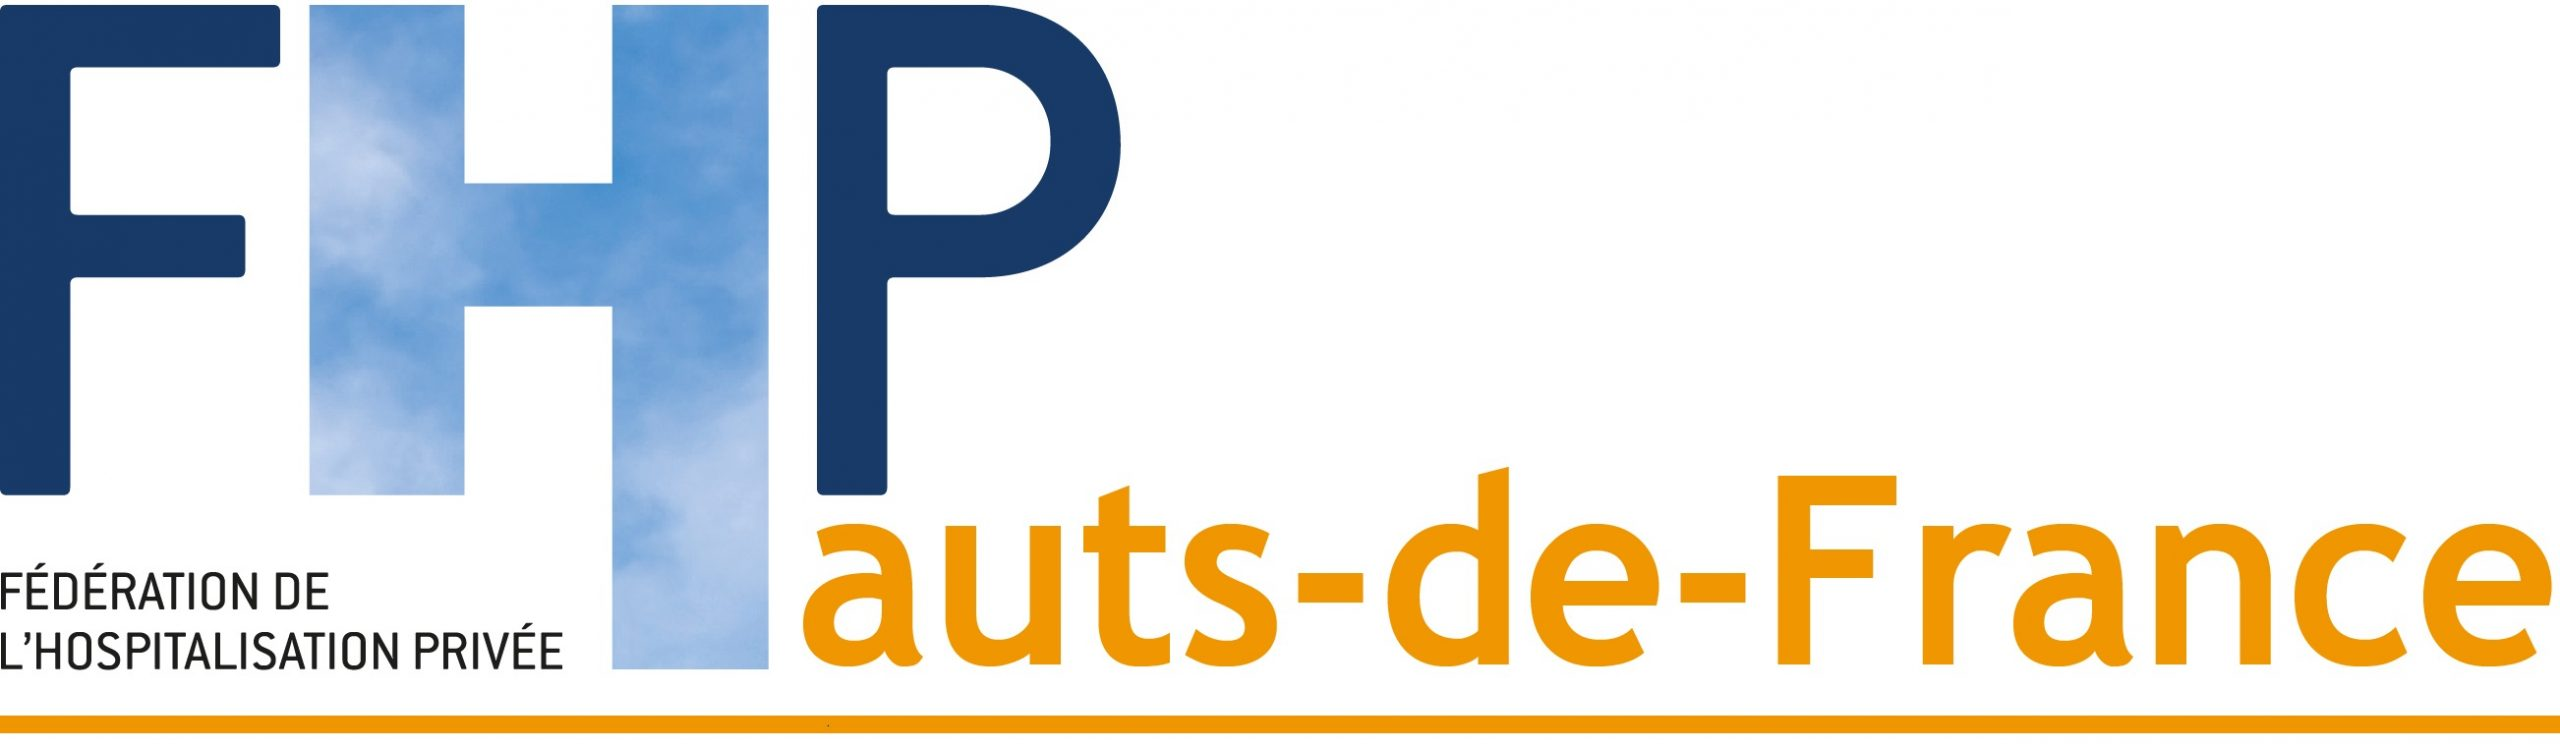 FHP-HAUTS-DE-FRANCE 2021 def